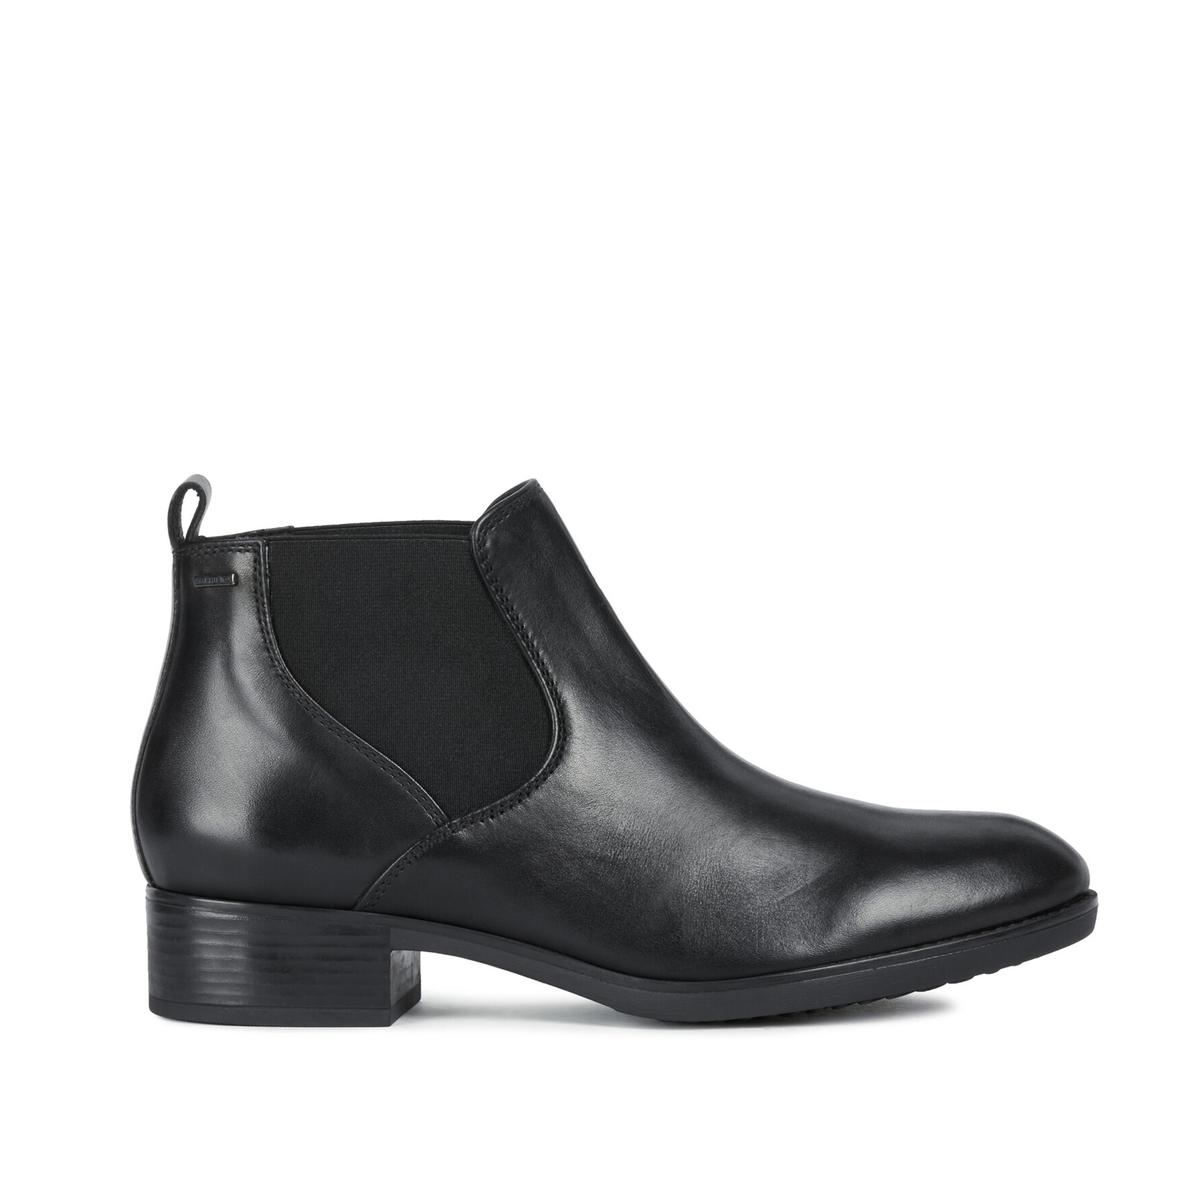 Boots respirantes Felicity np abx